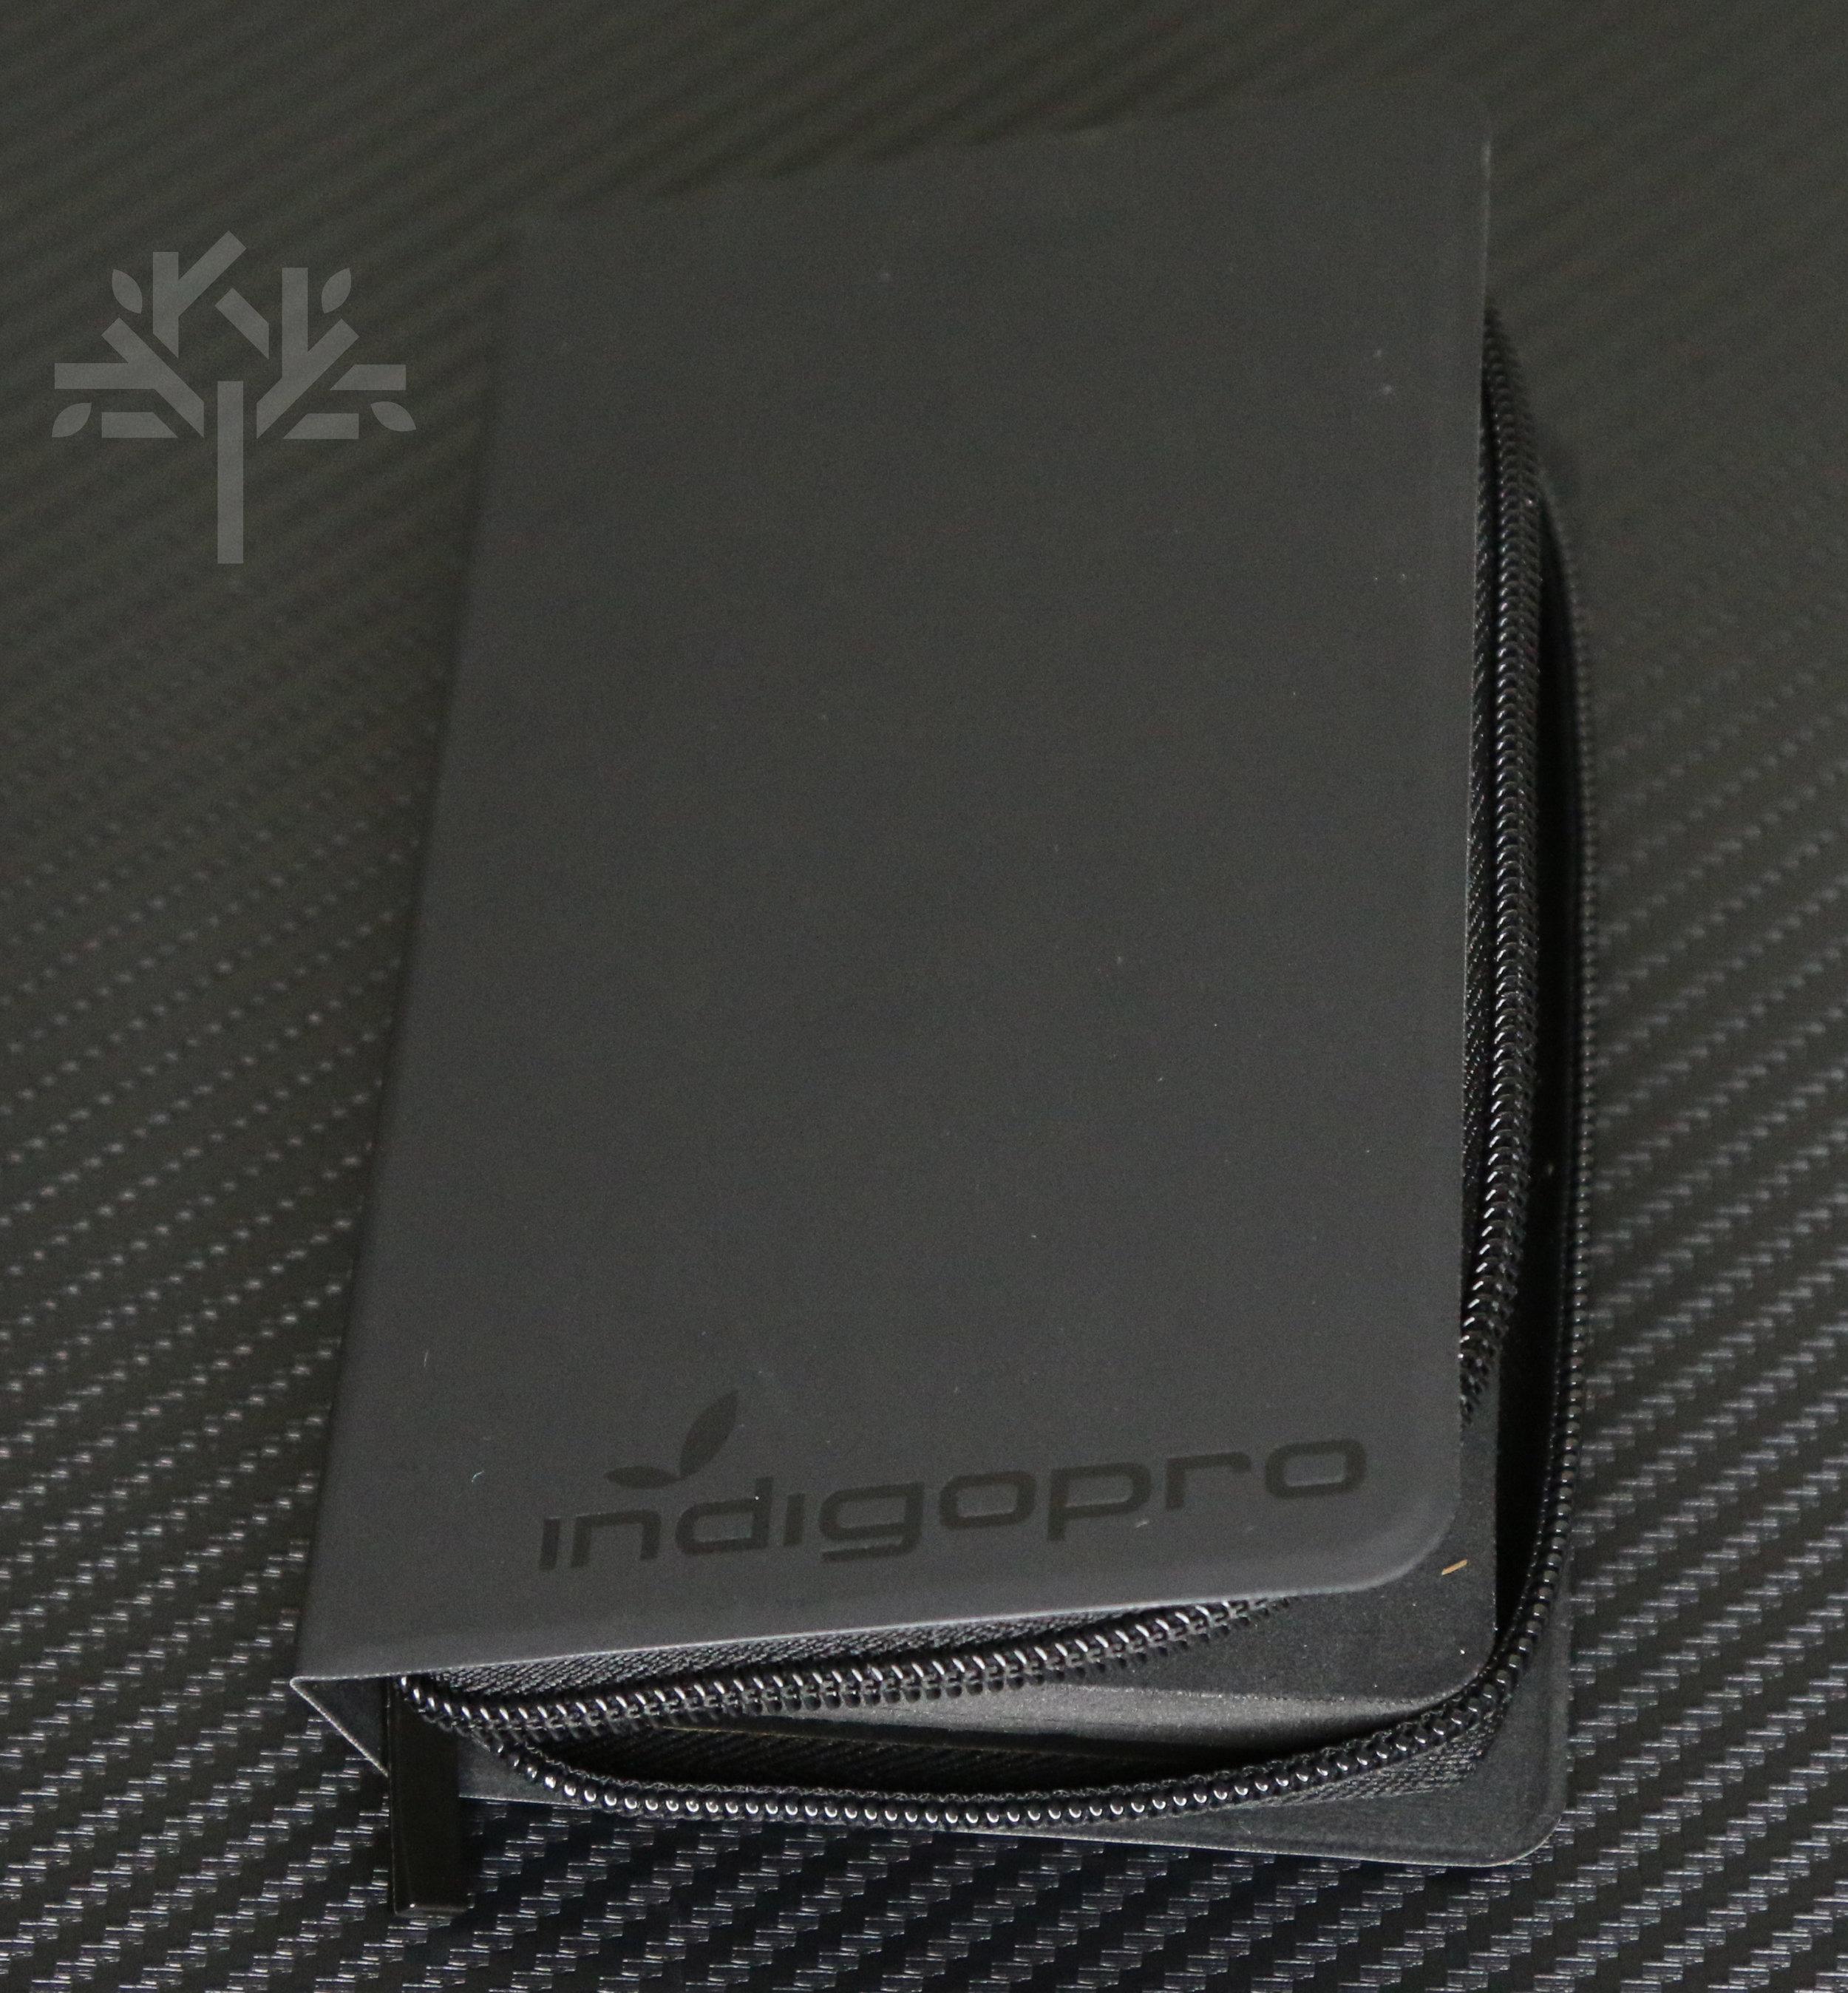 IndigoPro 2.jpg